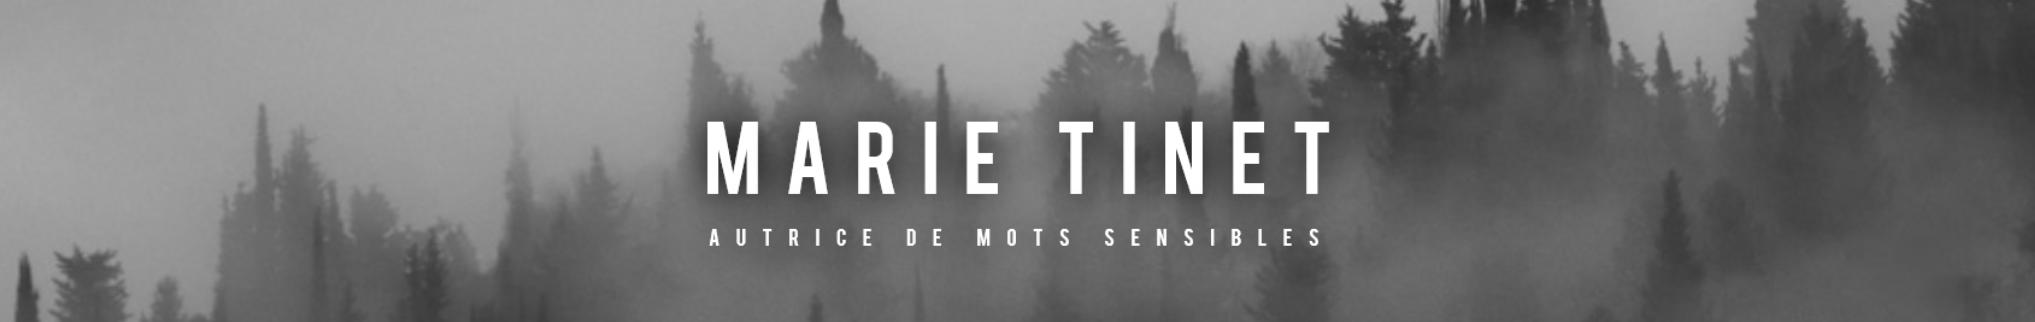 Marie Tinet - Autrice